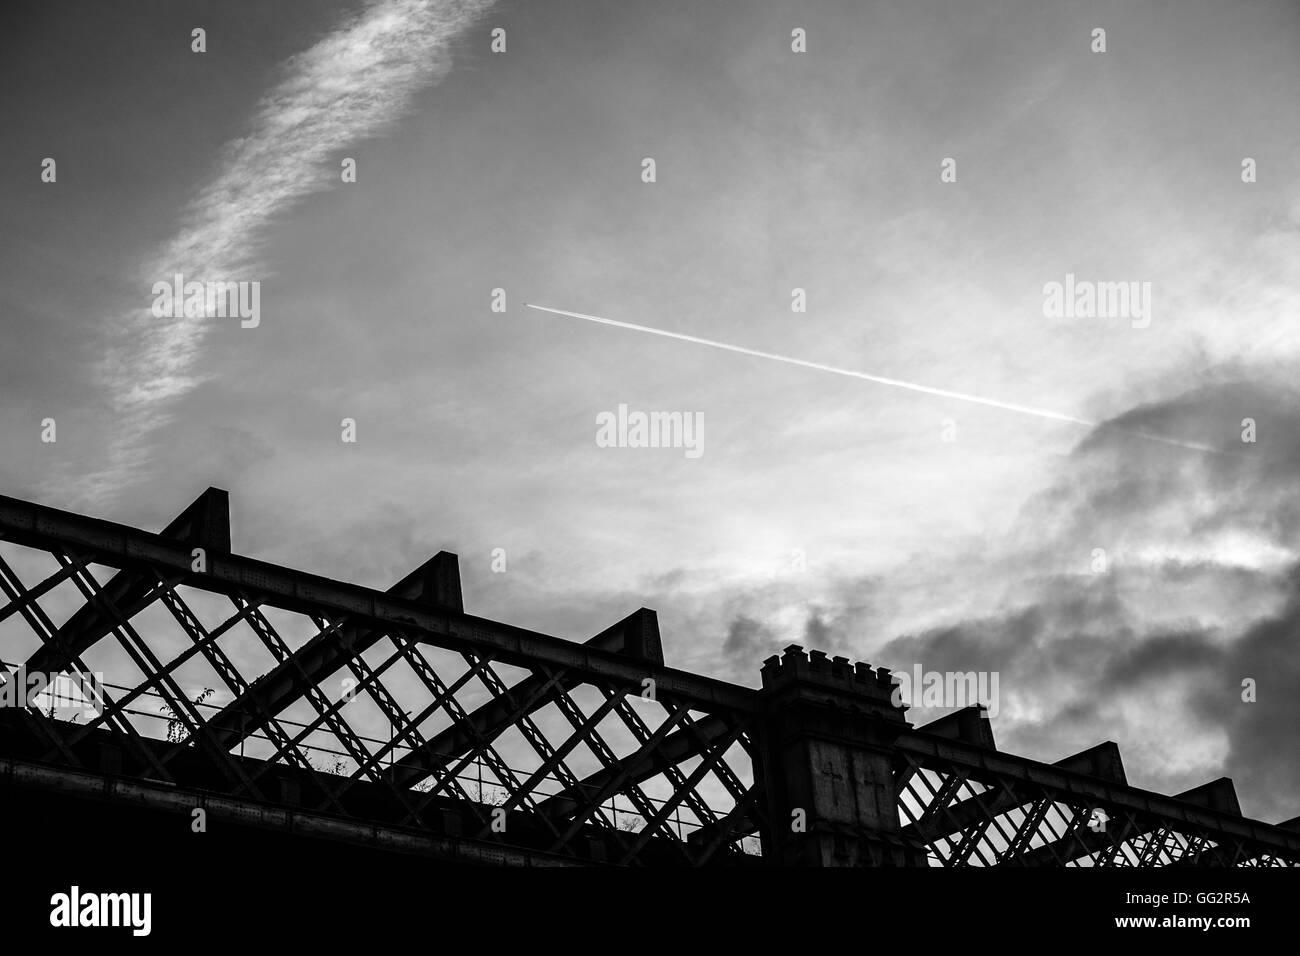 Railway bridge in castlefield, Manchester, UK - Stock Image